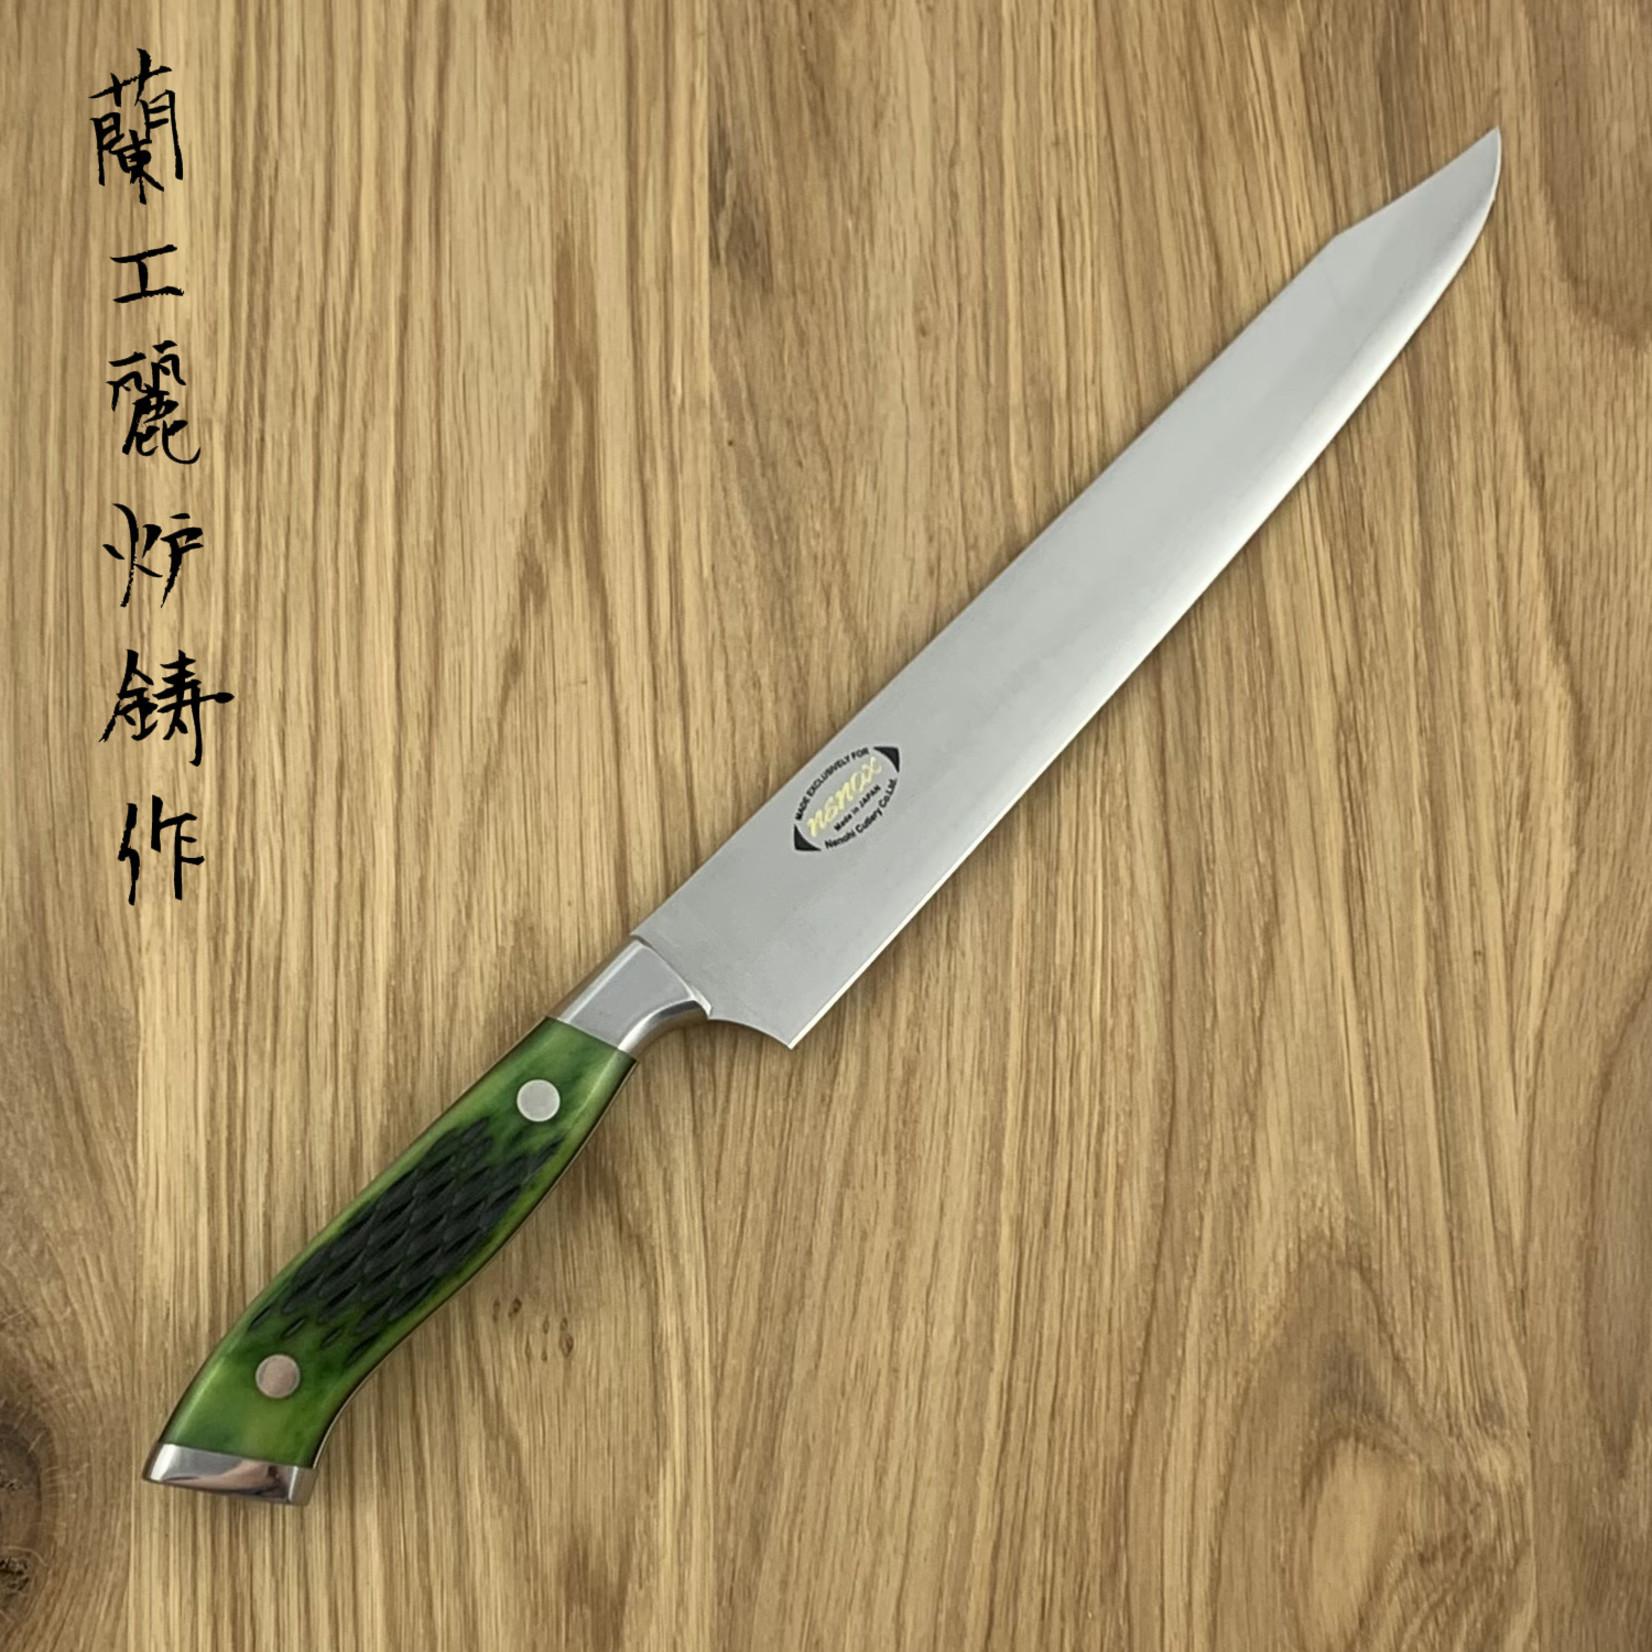 NENOHI NENOX Premium groen sujihiki 210 mm